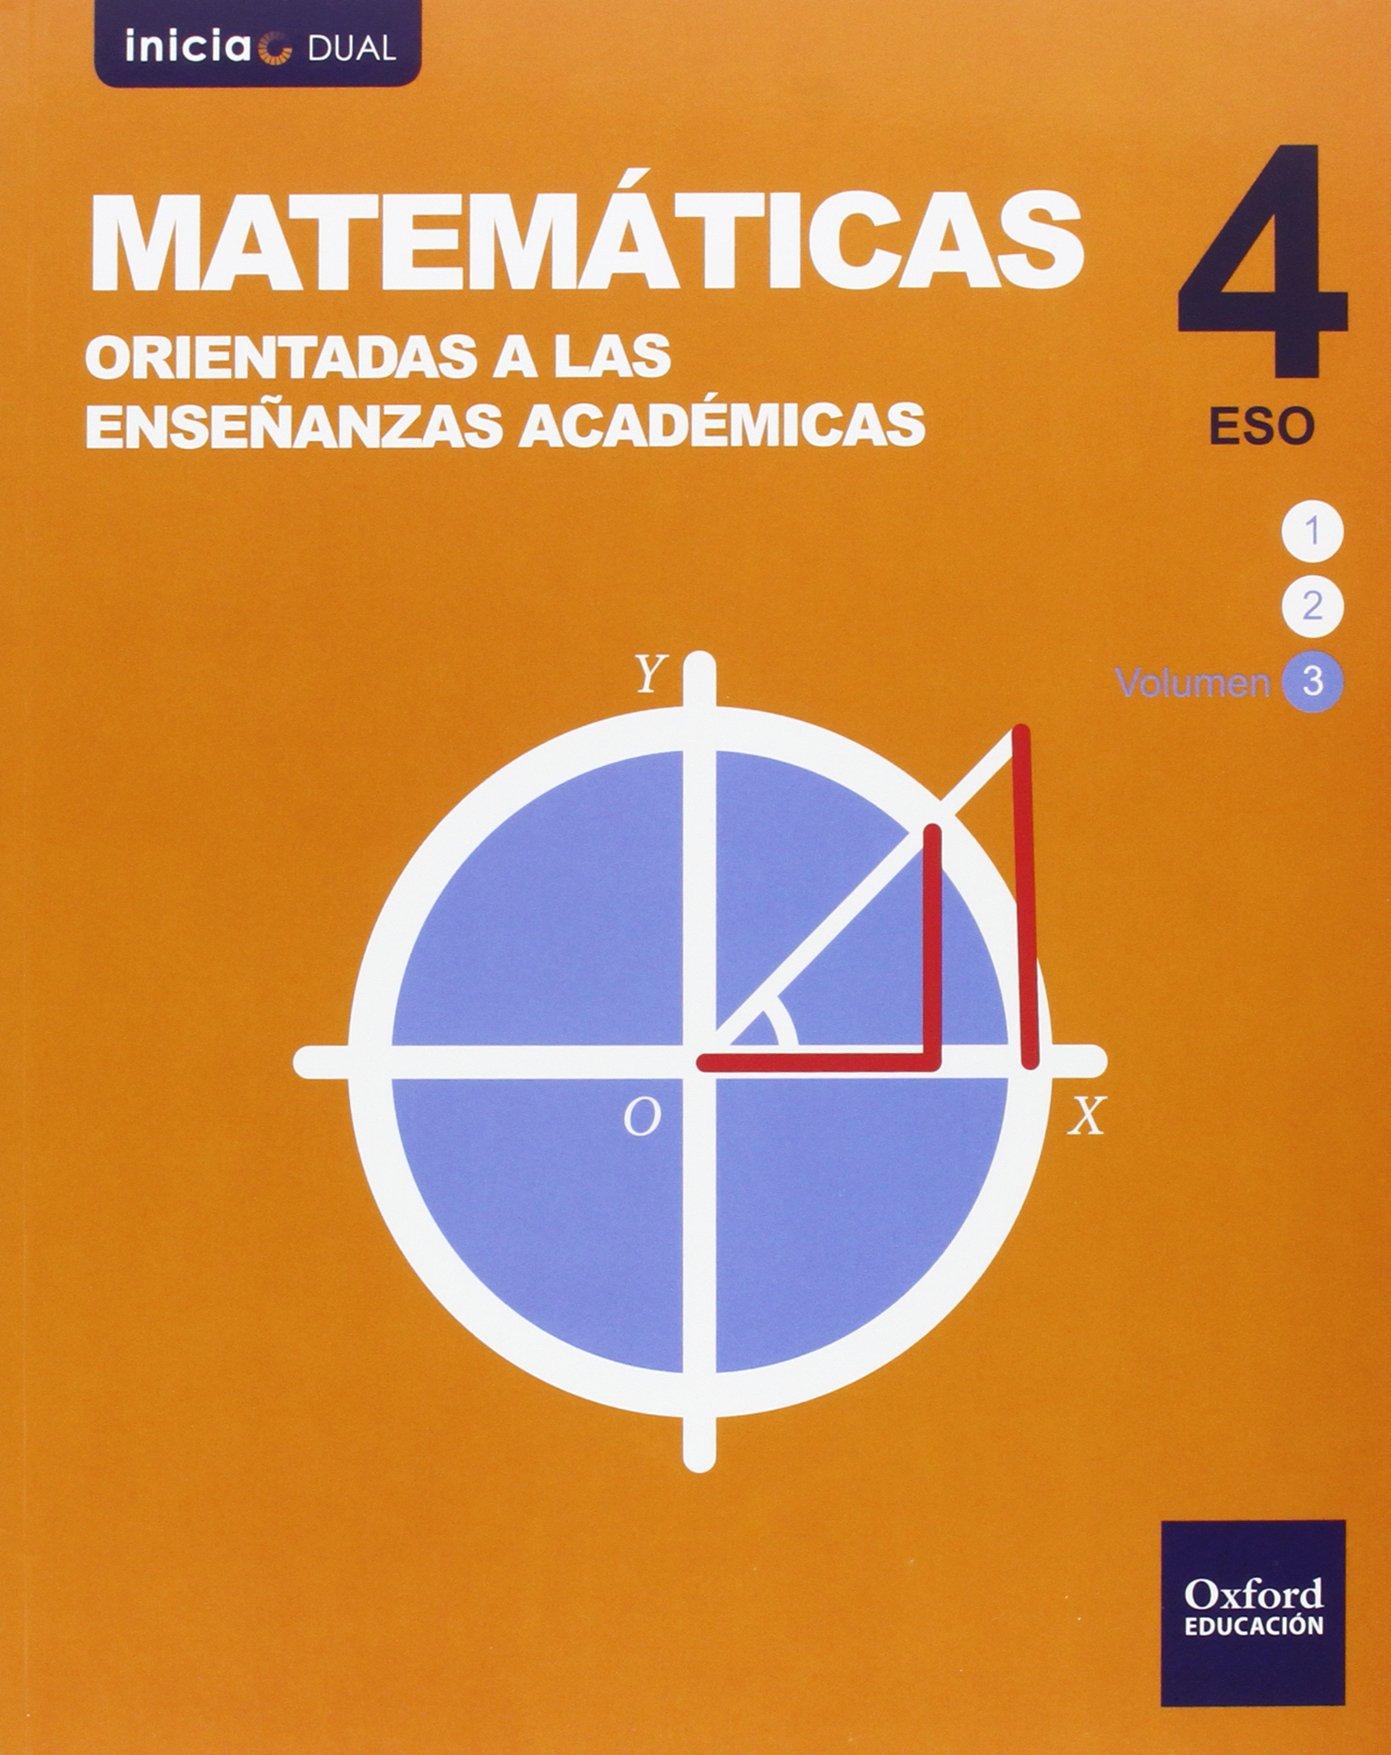 Solucionario Matematicas Academicas 4 ESO Oxford